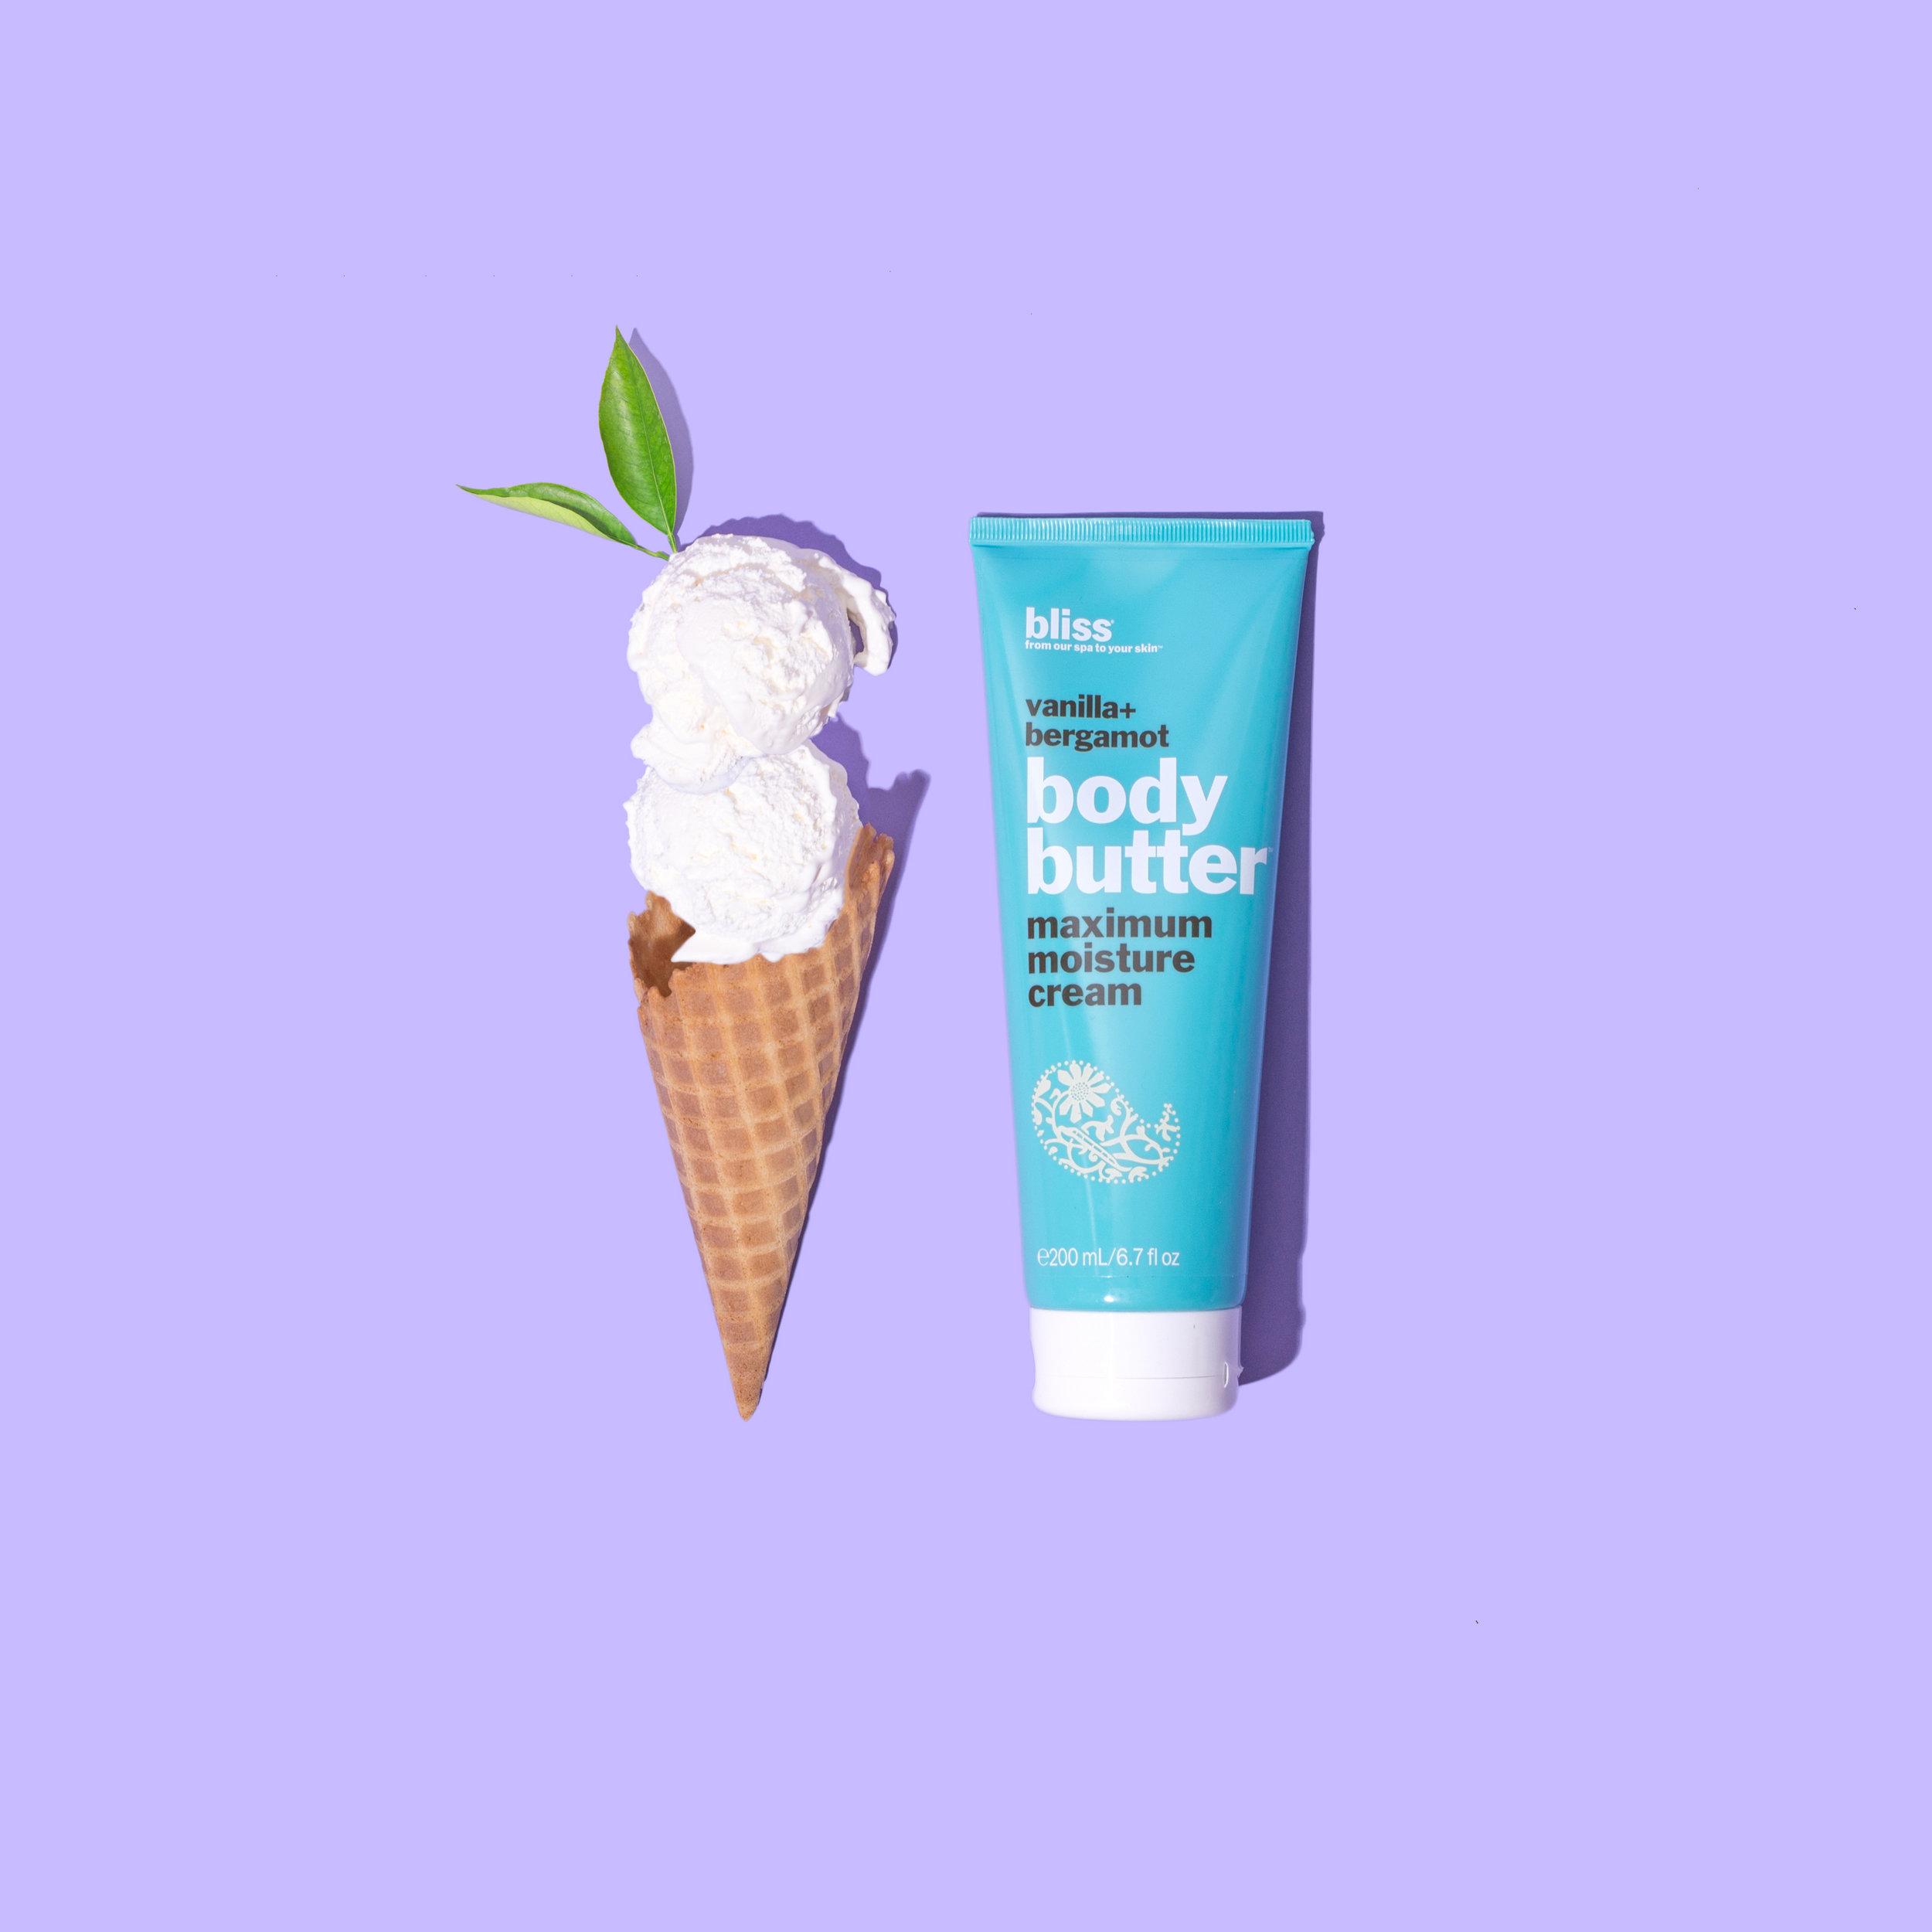 Bliss Vanilla Body Butter 2D.jpg